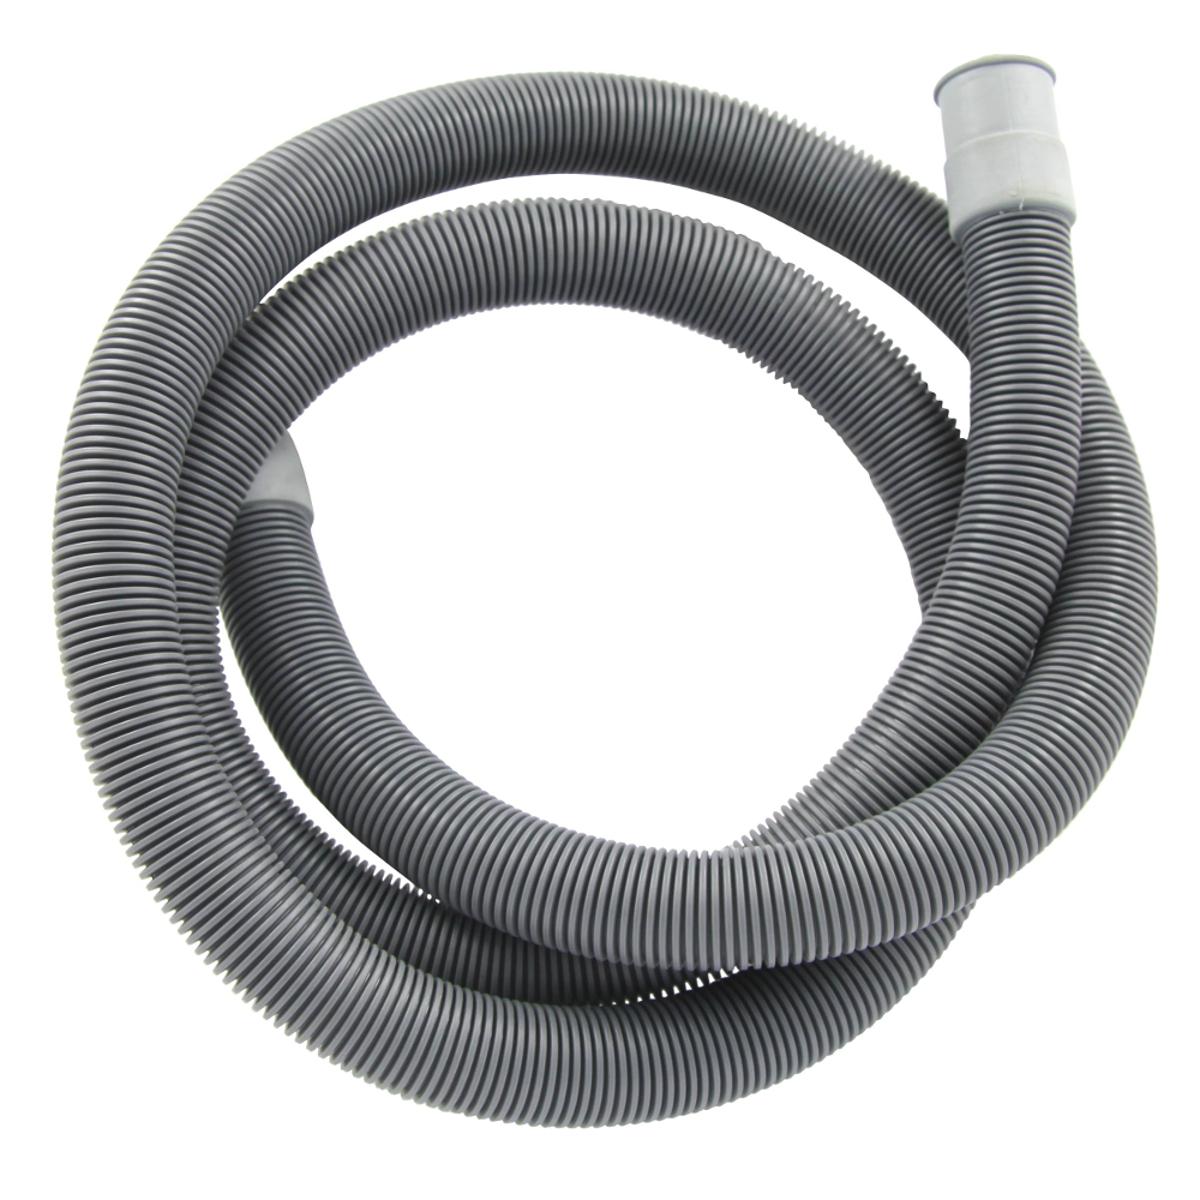 Шланг сливной для стиральной машины, 1,5м ЗИП-ФЛЕКСBL505Шланг сливной предназначен для отведения использованной воды в систему канализации.Длина 1,5 метра. Россия.